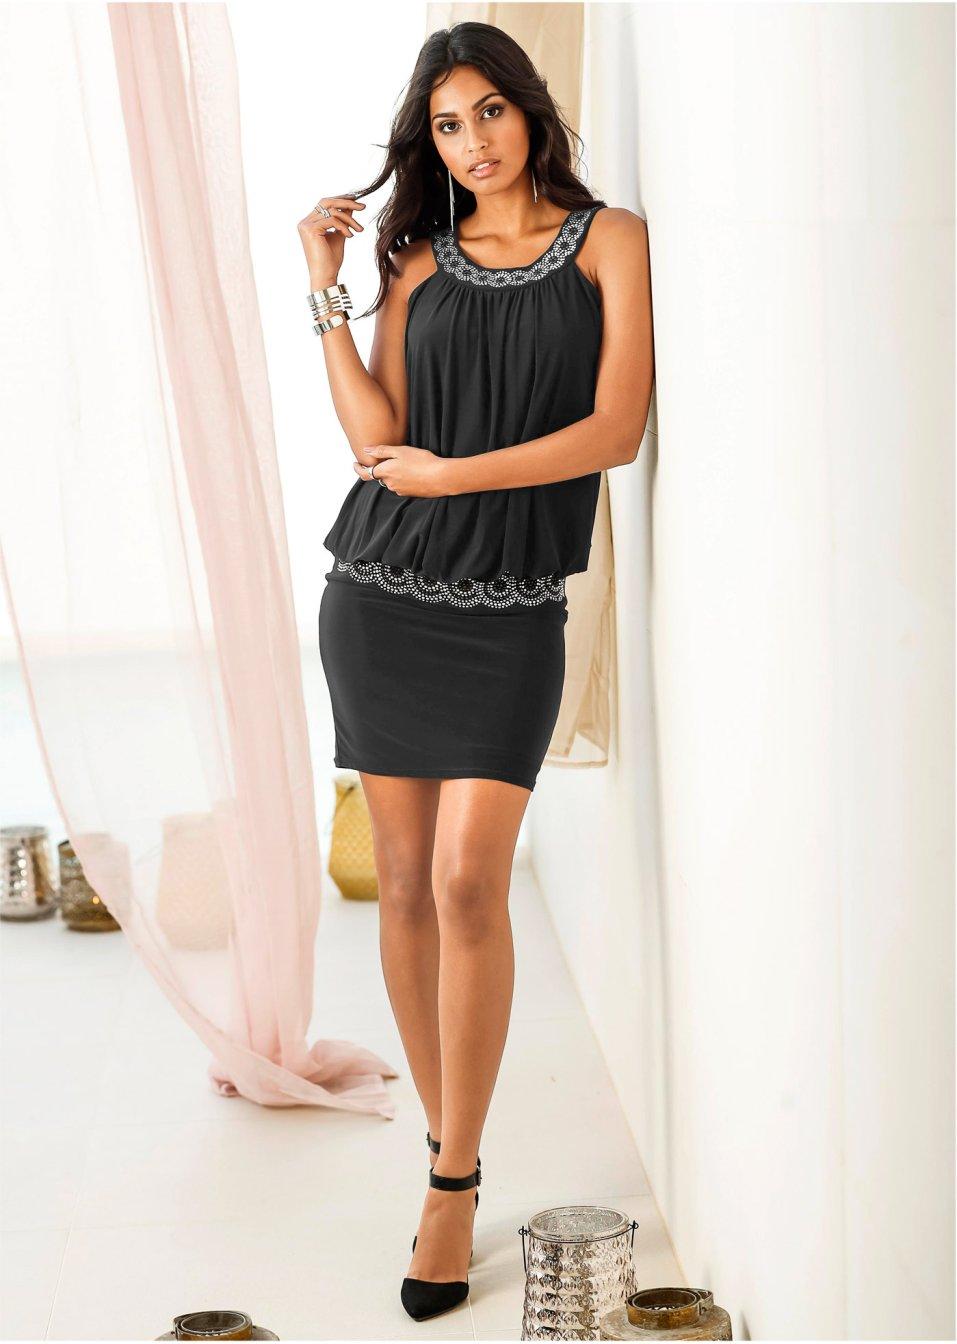 Koktejlové šaty černá - BODYFLIRT koupit online - bonprix.cz 8c41e861de